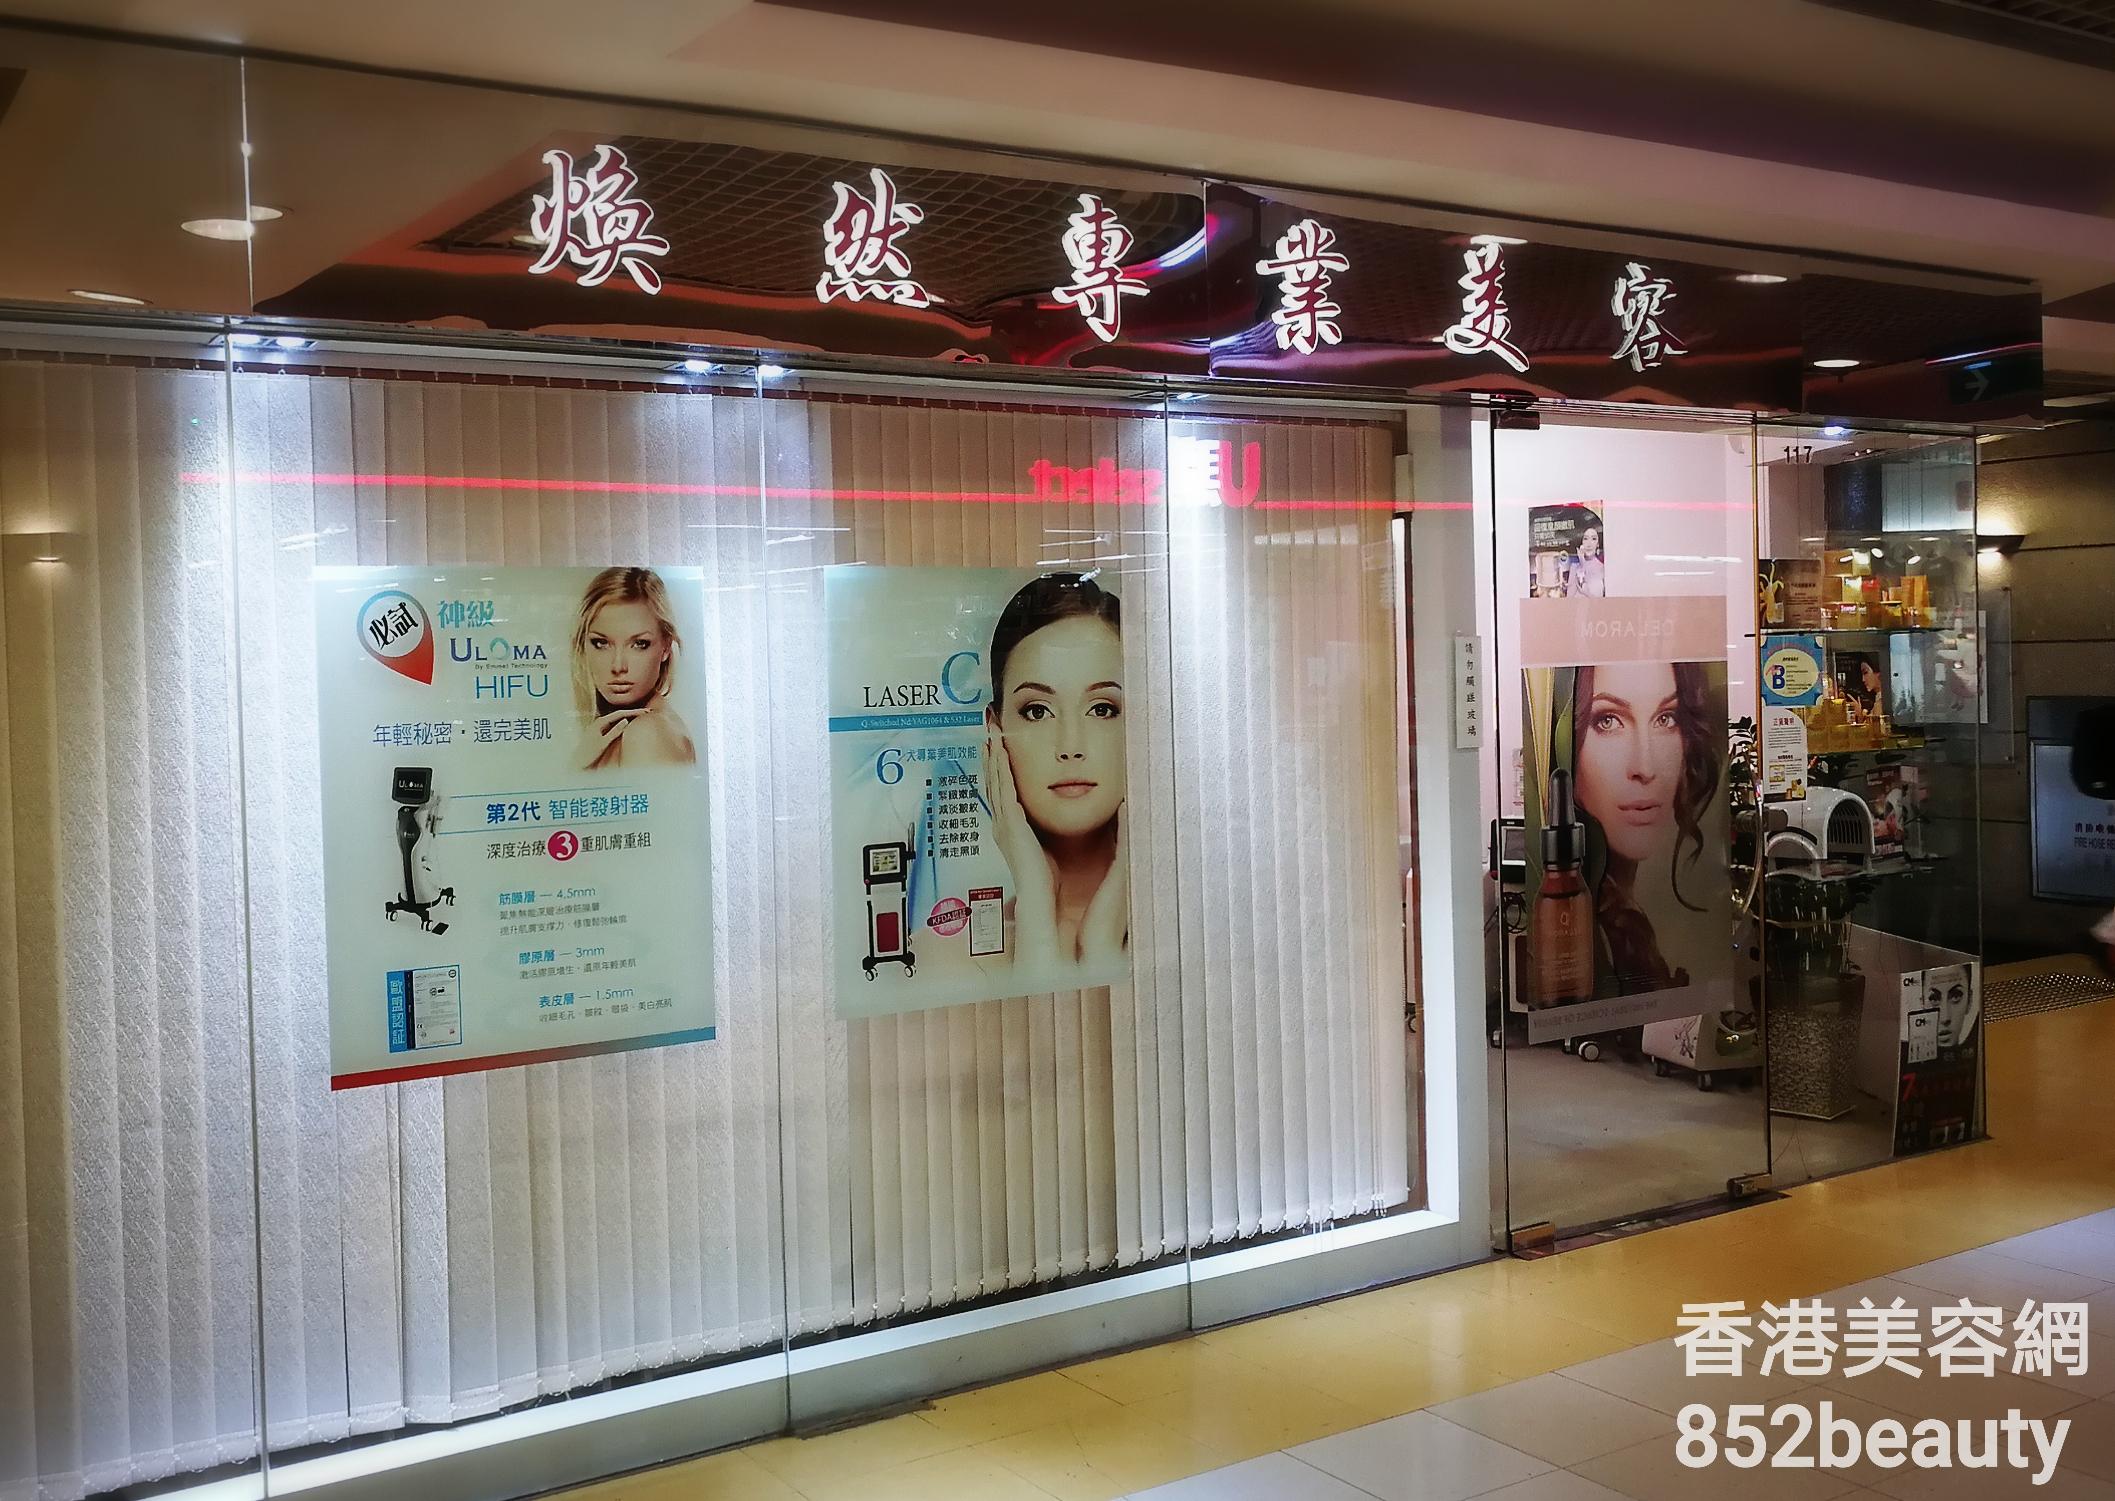 香港美容院 美容師 : 煥然專業美容 @青年創業軍